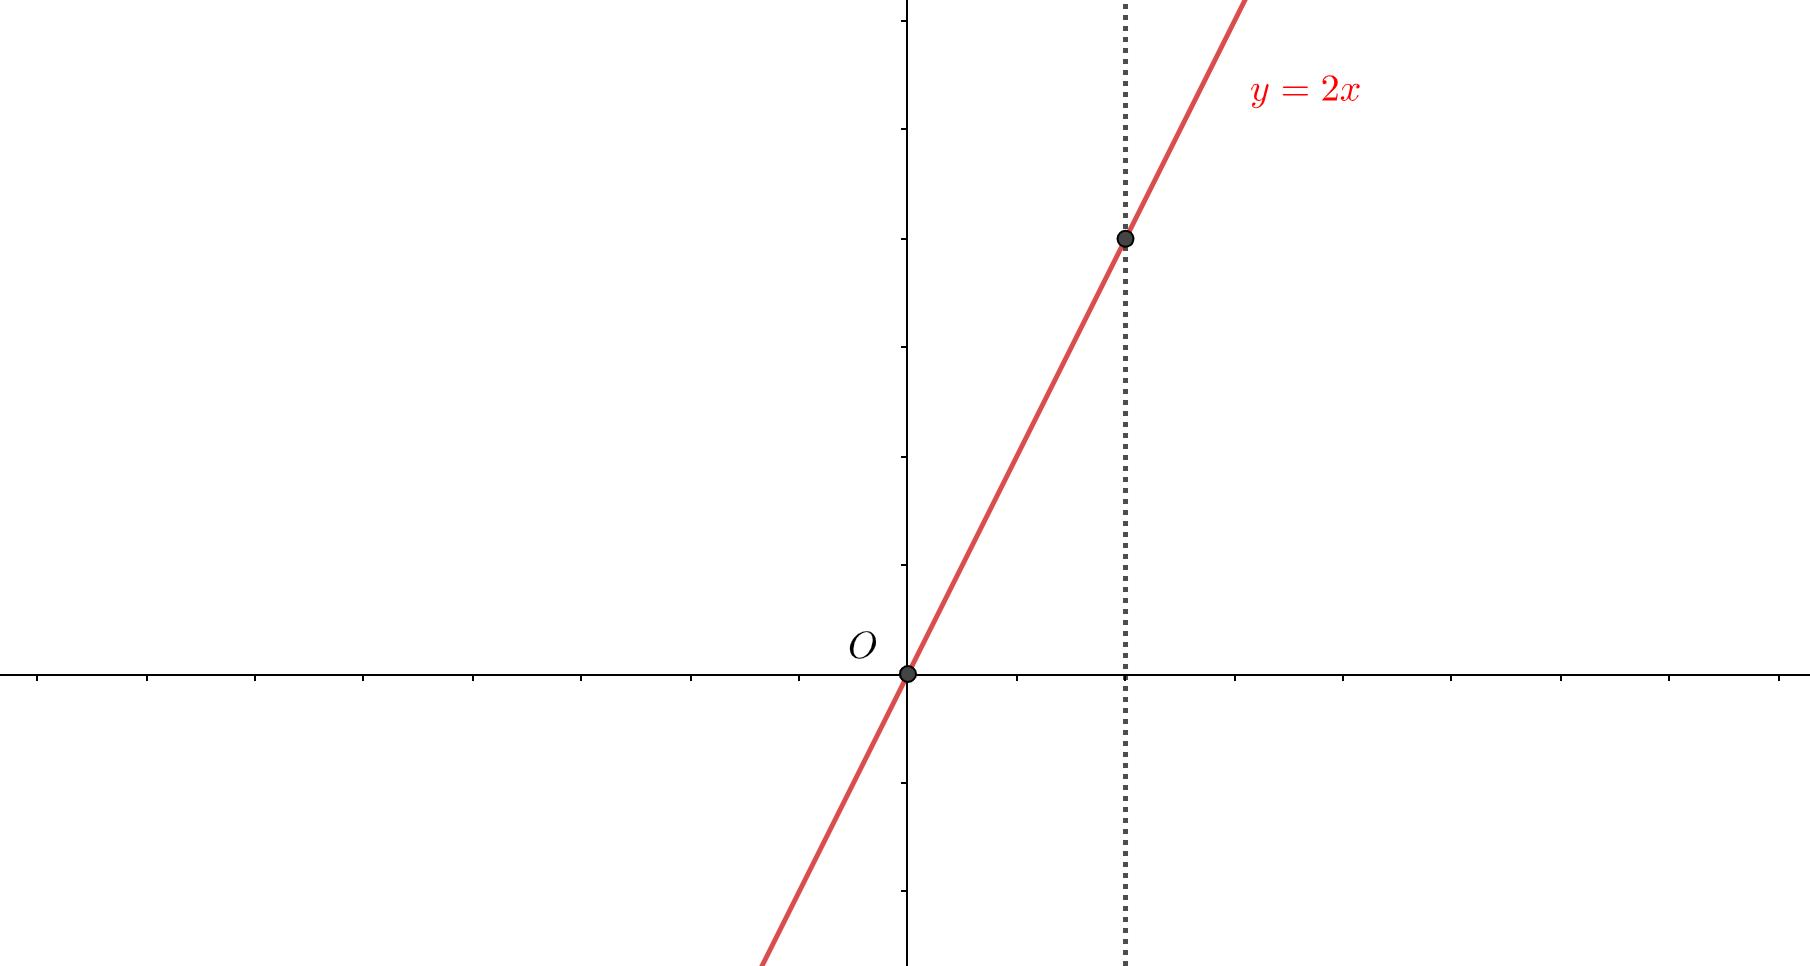 一対一対応のグラフ